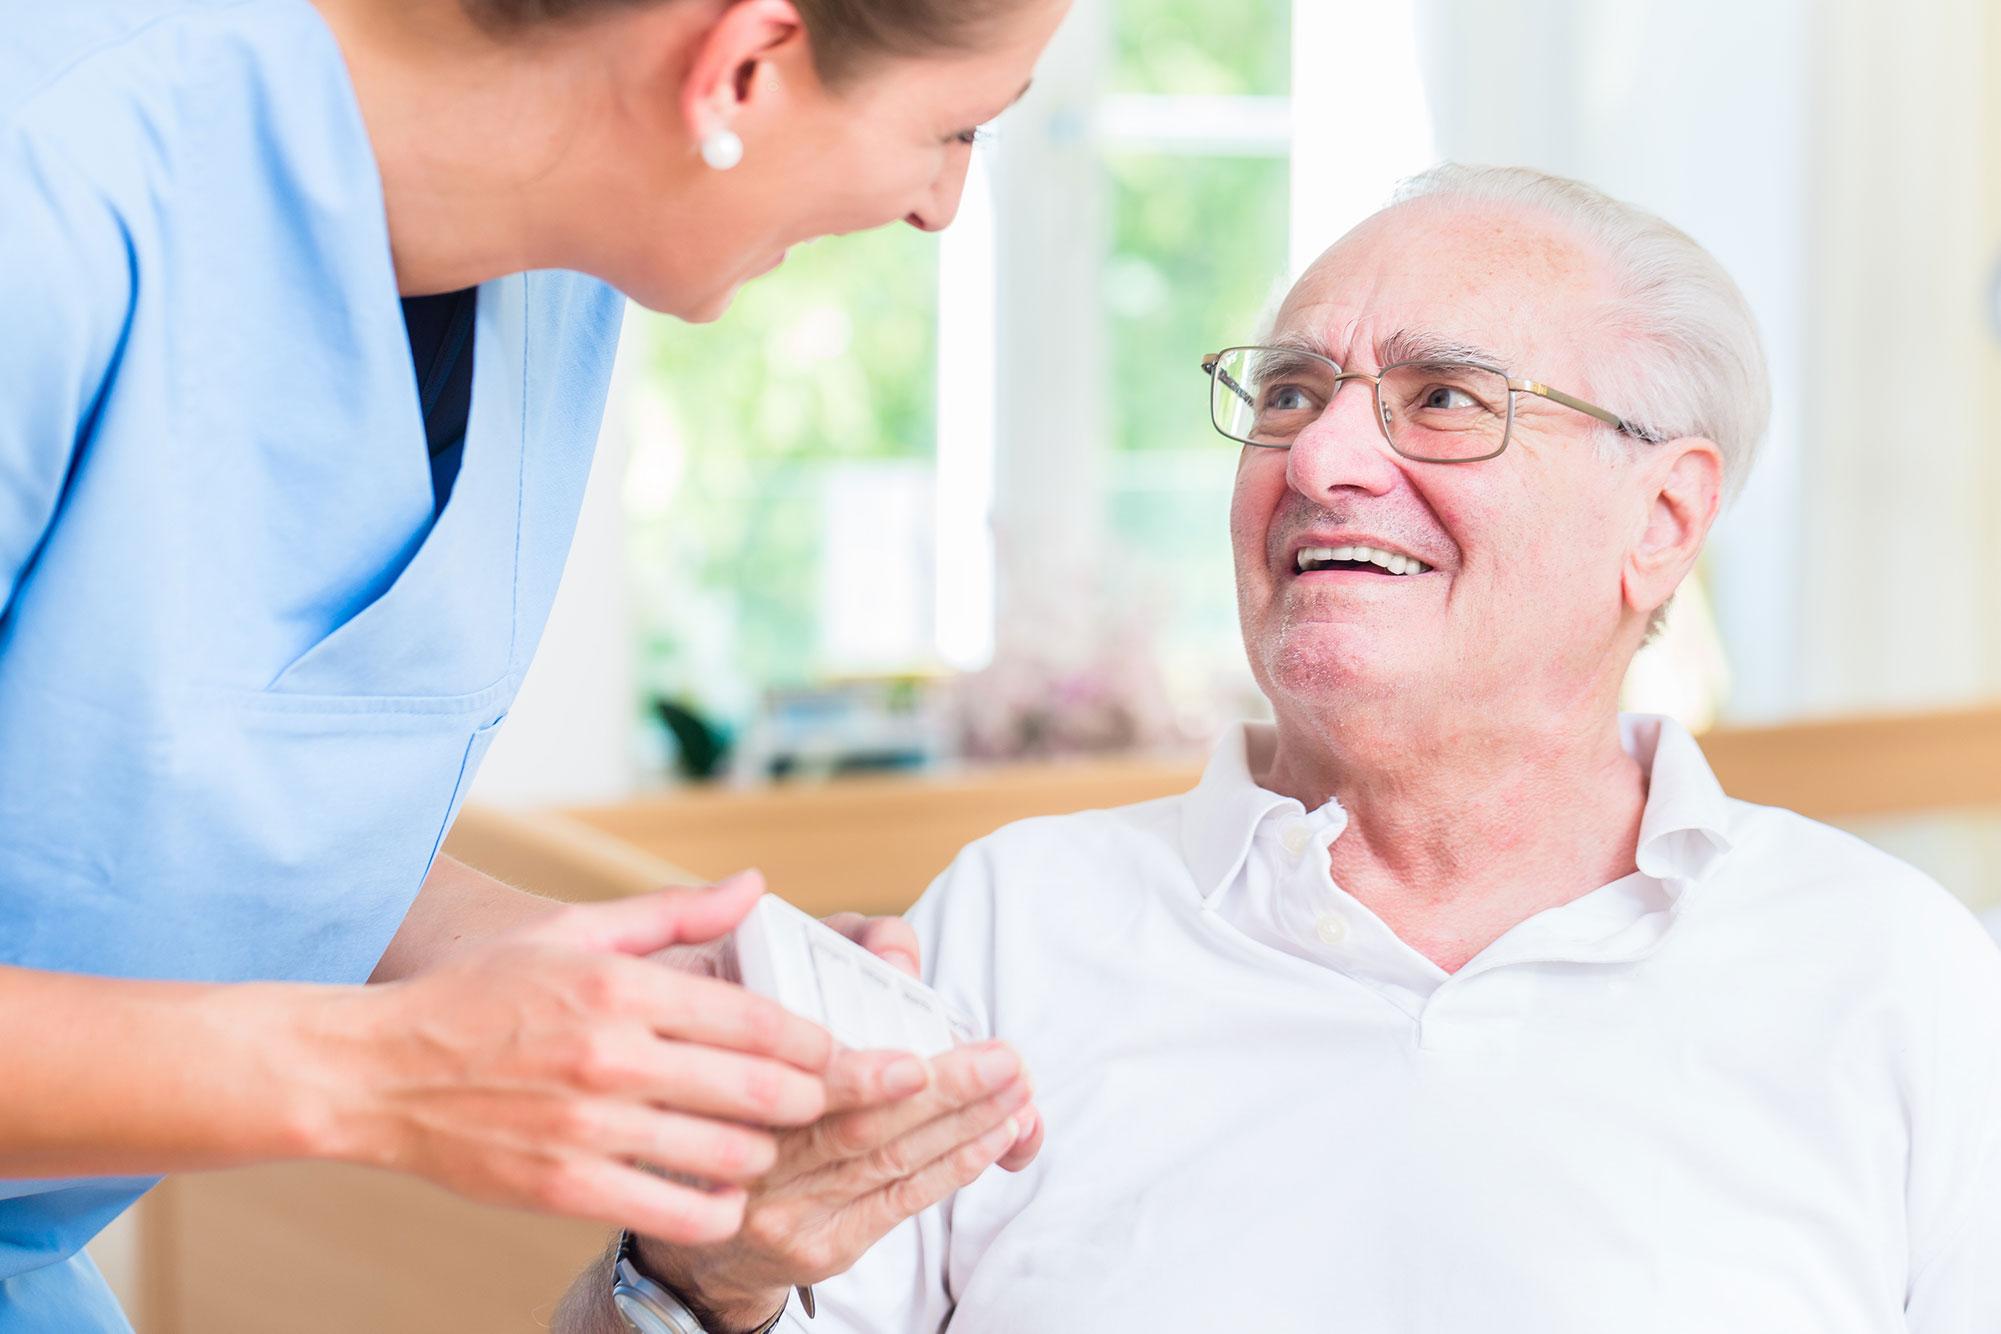 Ärzte und Pflegedienste